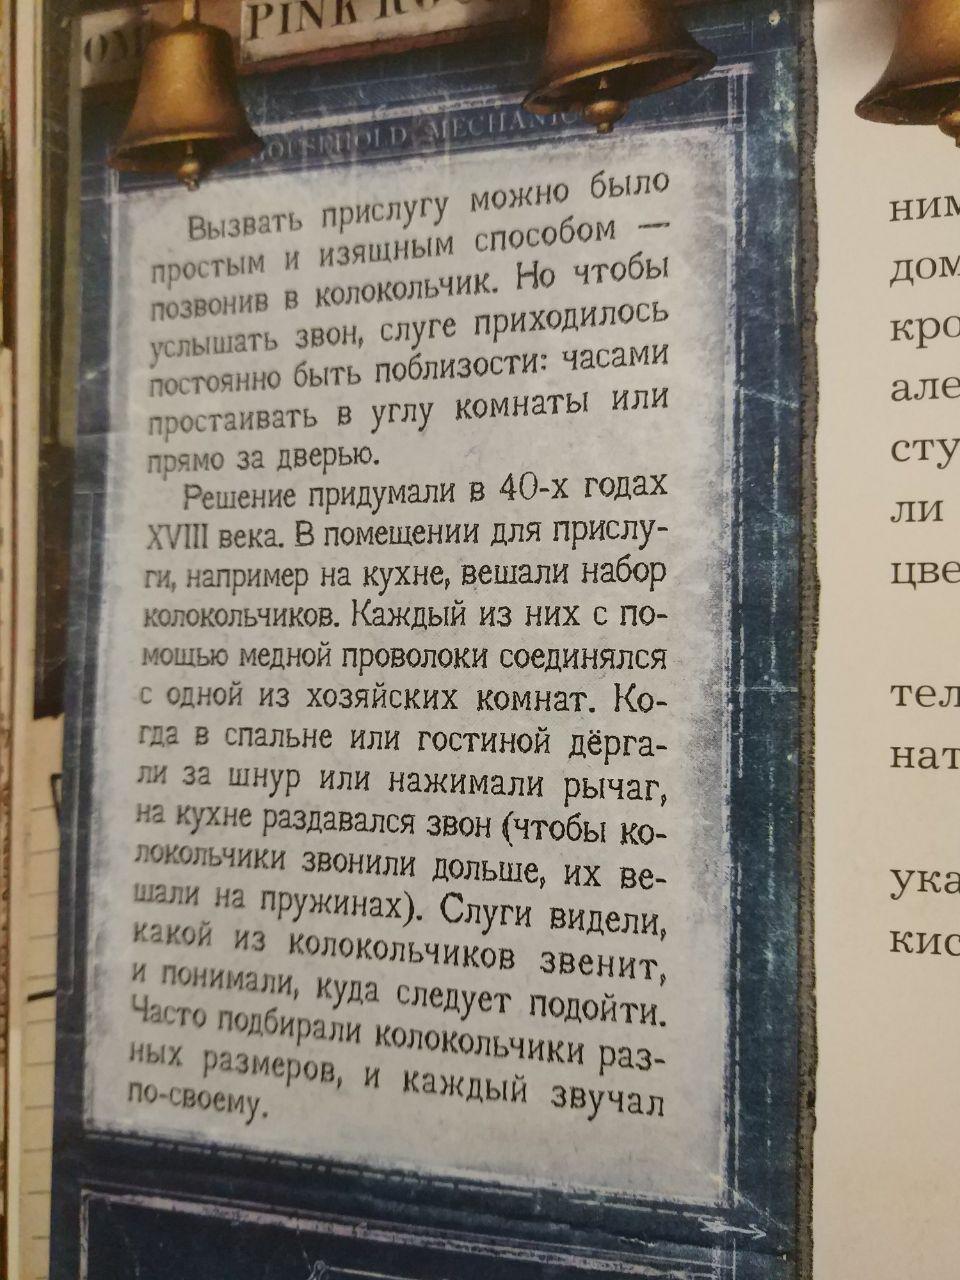 http://s7.uploads.ru/DrzFv.jpg